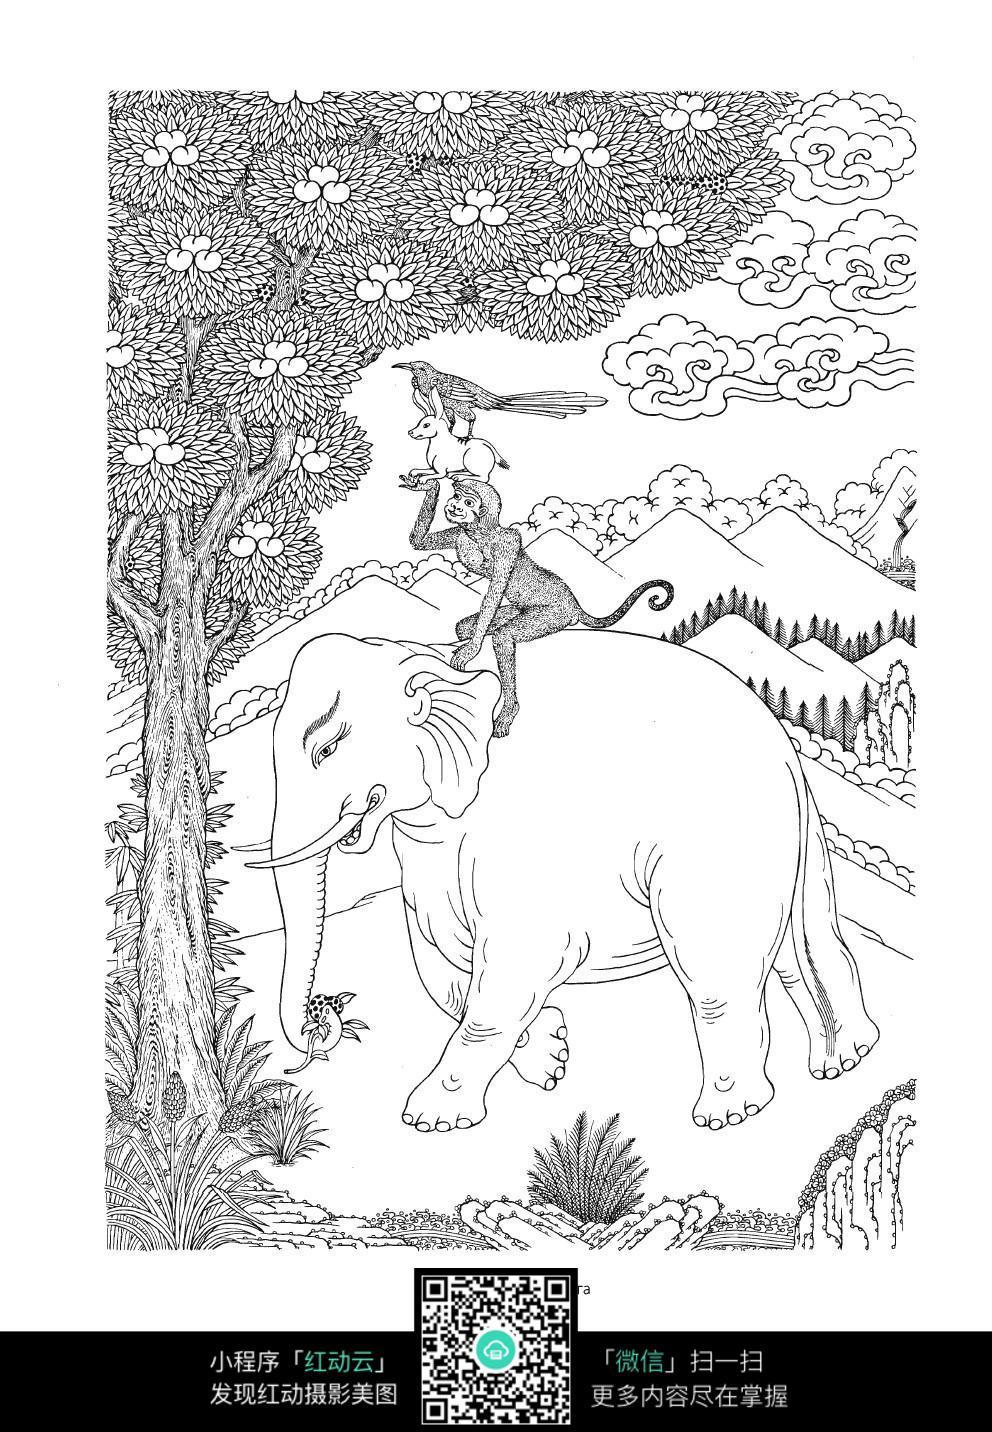 树林骑大象的猴子手绘线描图片